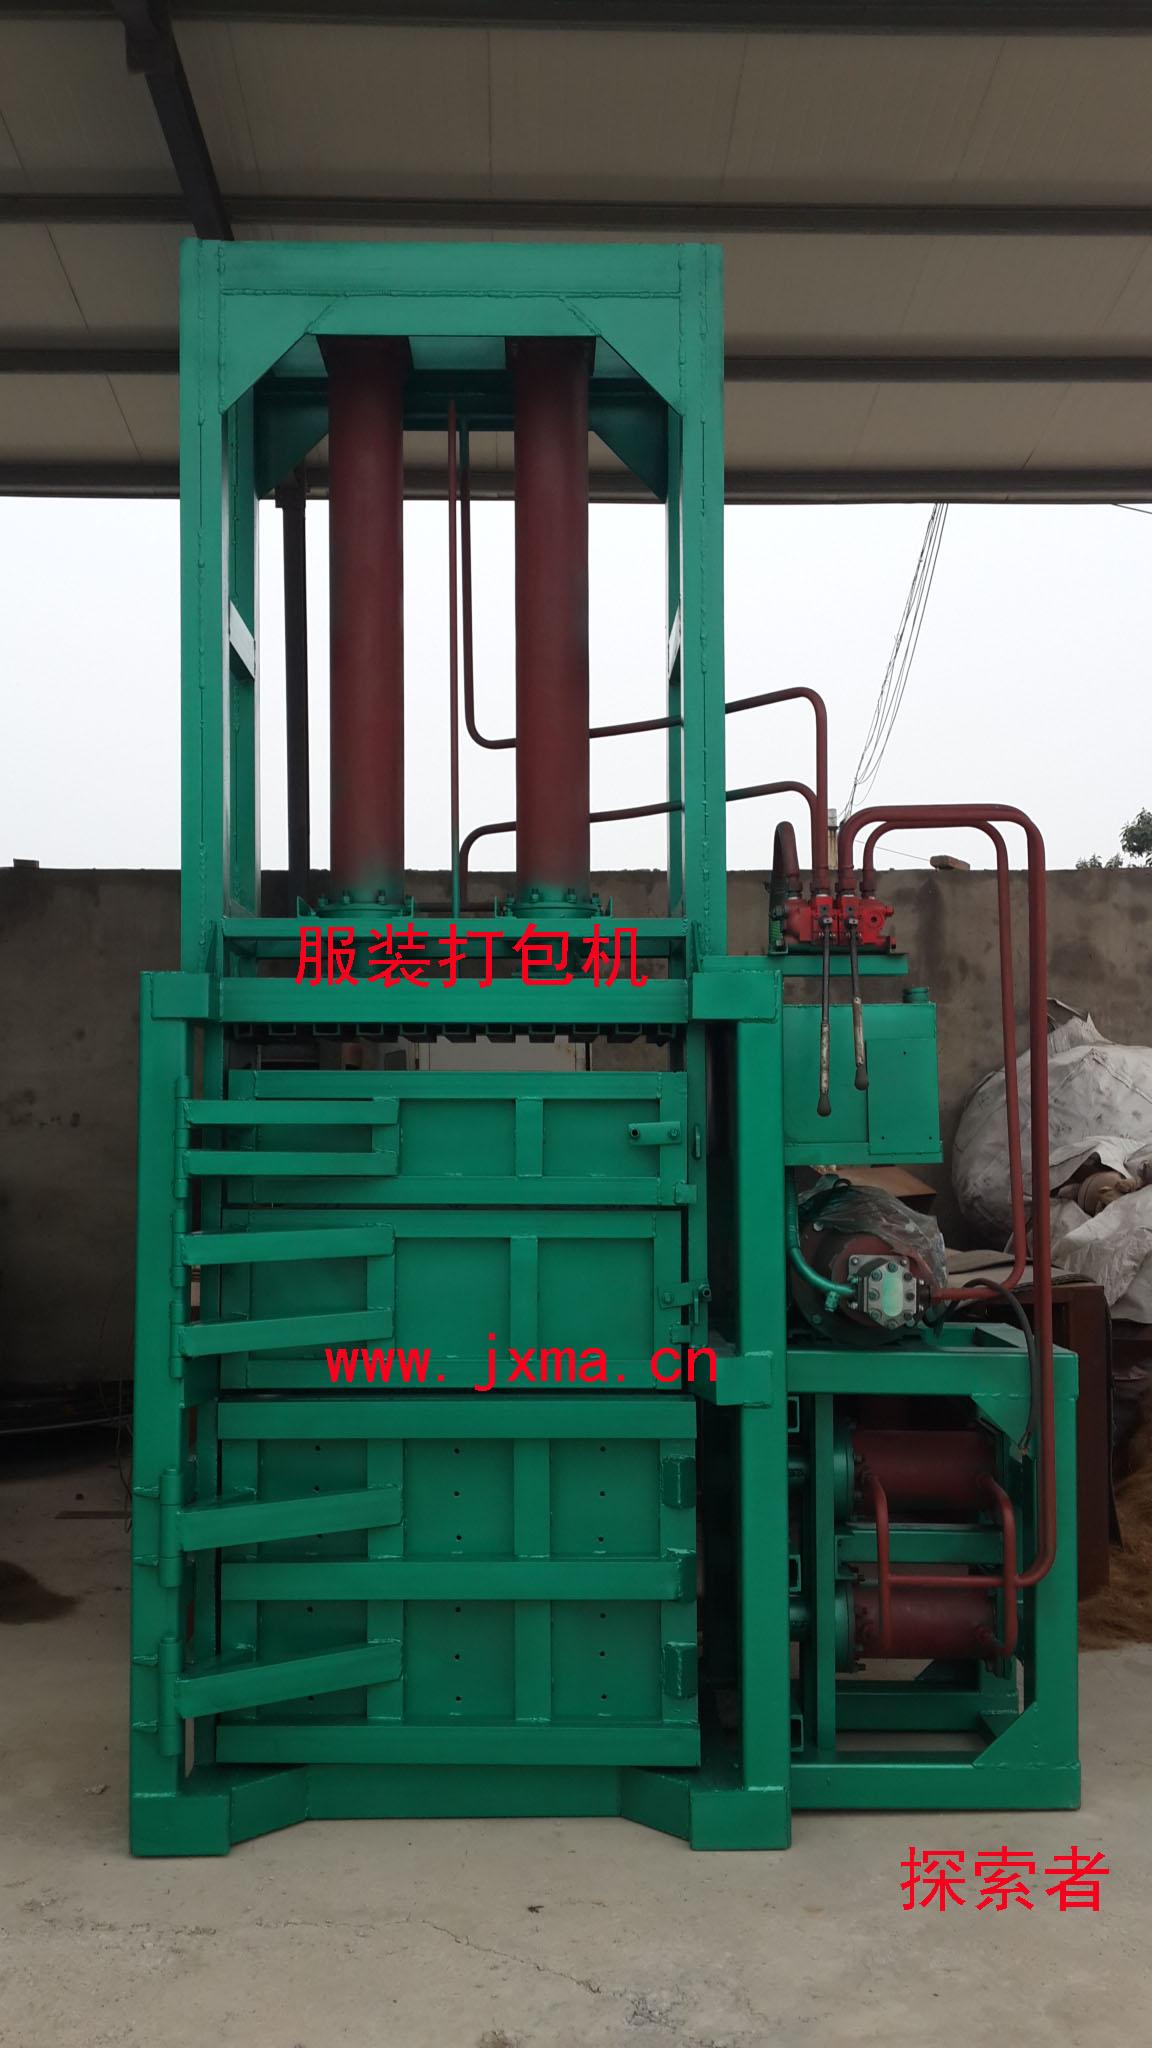 服裝打包機專用液壓打包機 義務服裝打包機